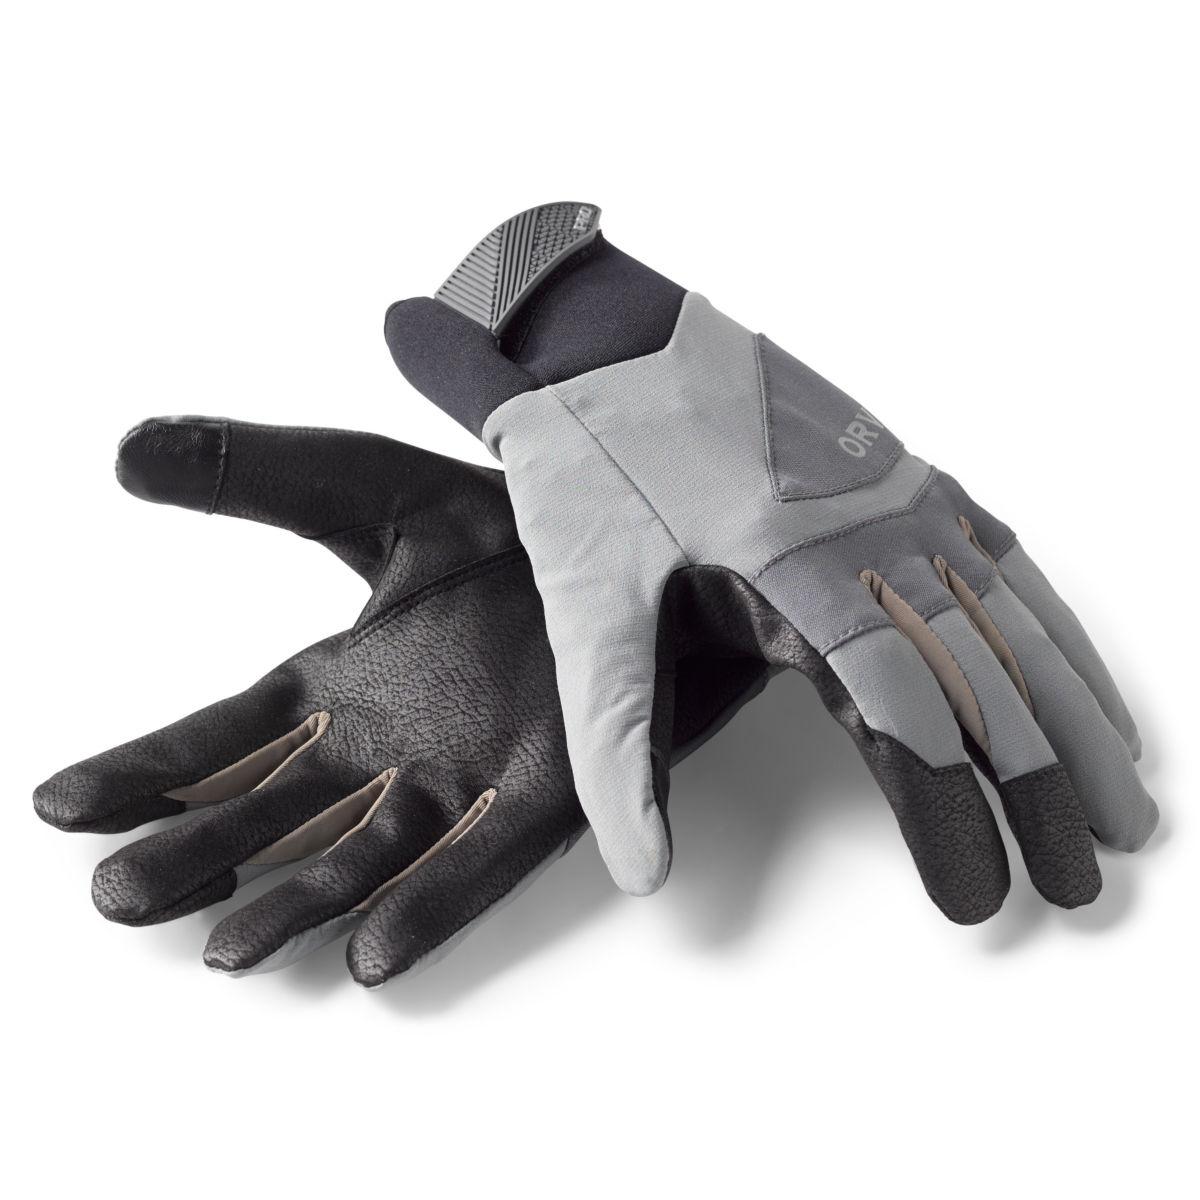 PRO LT Hunting Gloves - image number 0